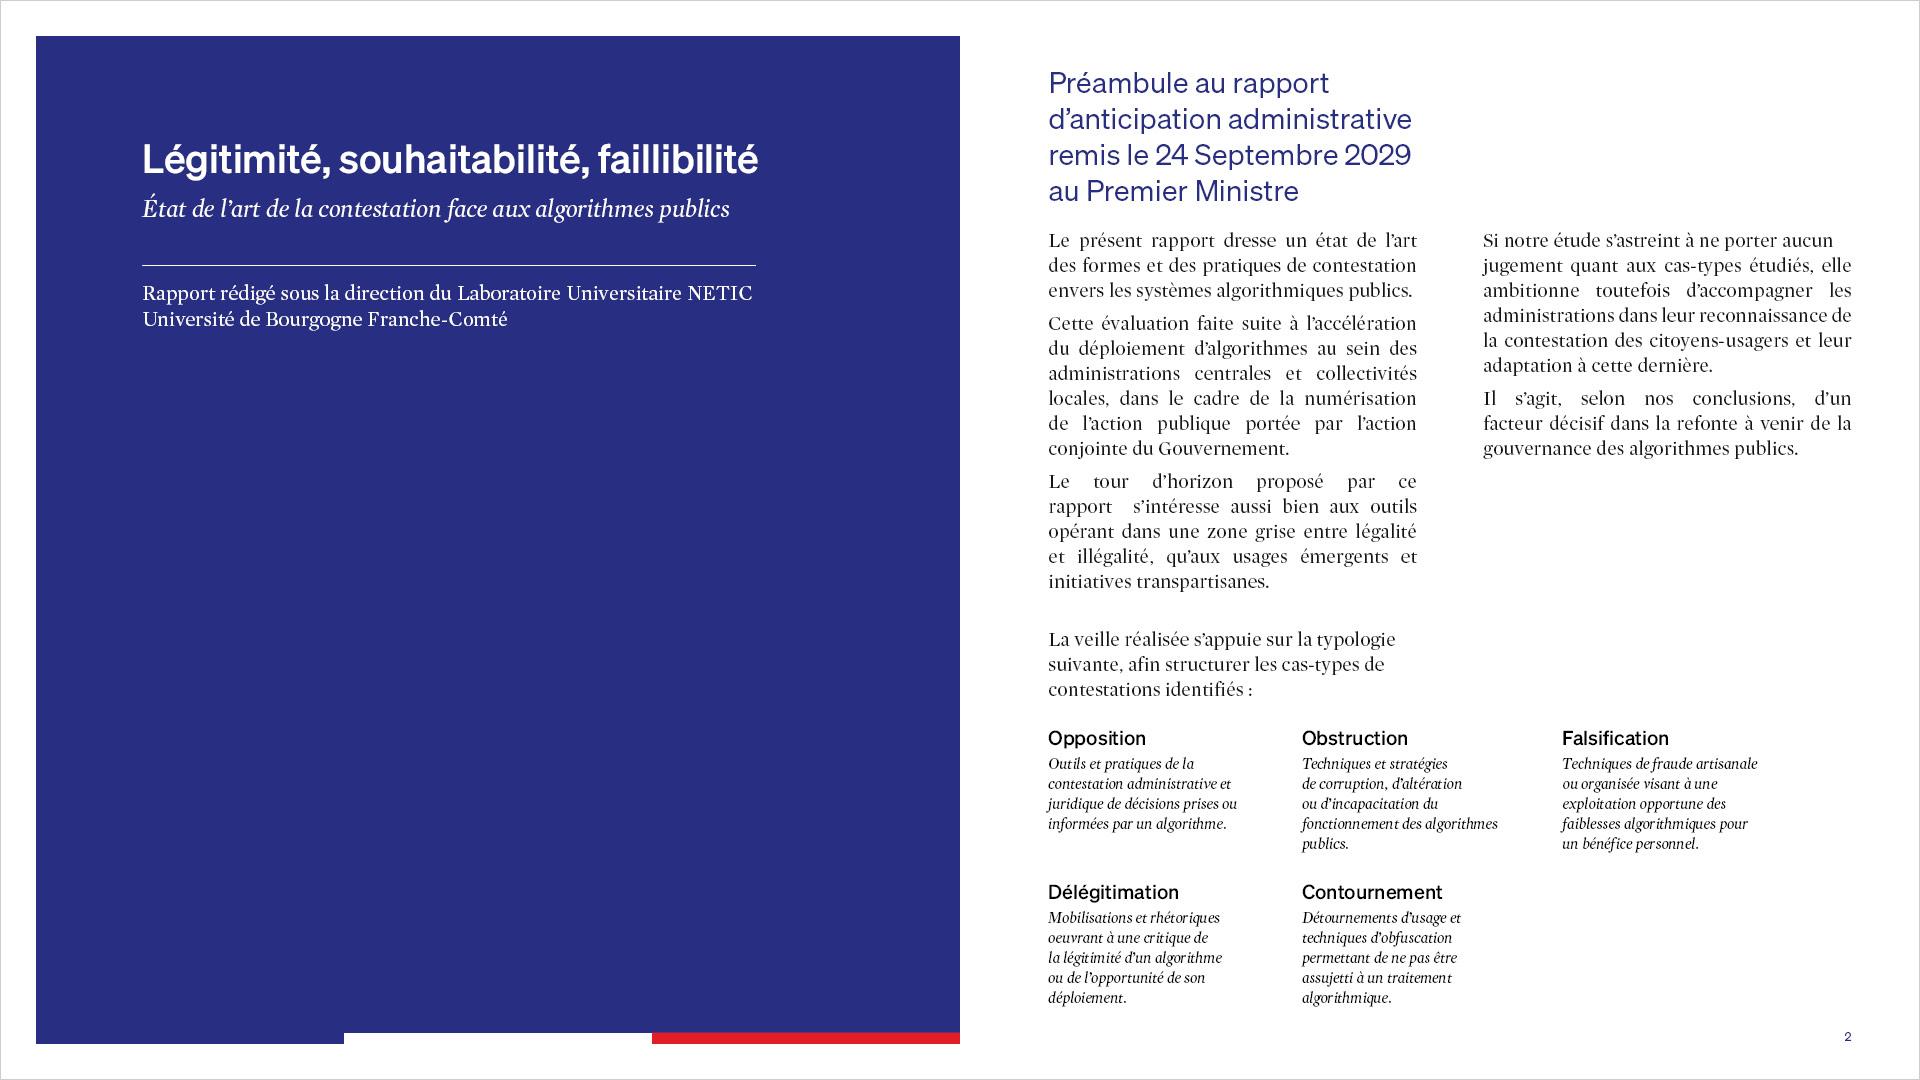 Préambule au rapport d'anticipation administrative remis le 24 Septembre 2029 au Premier Ministre